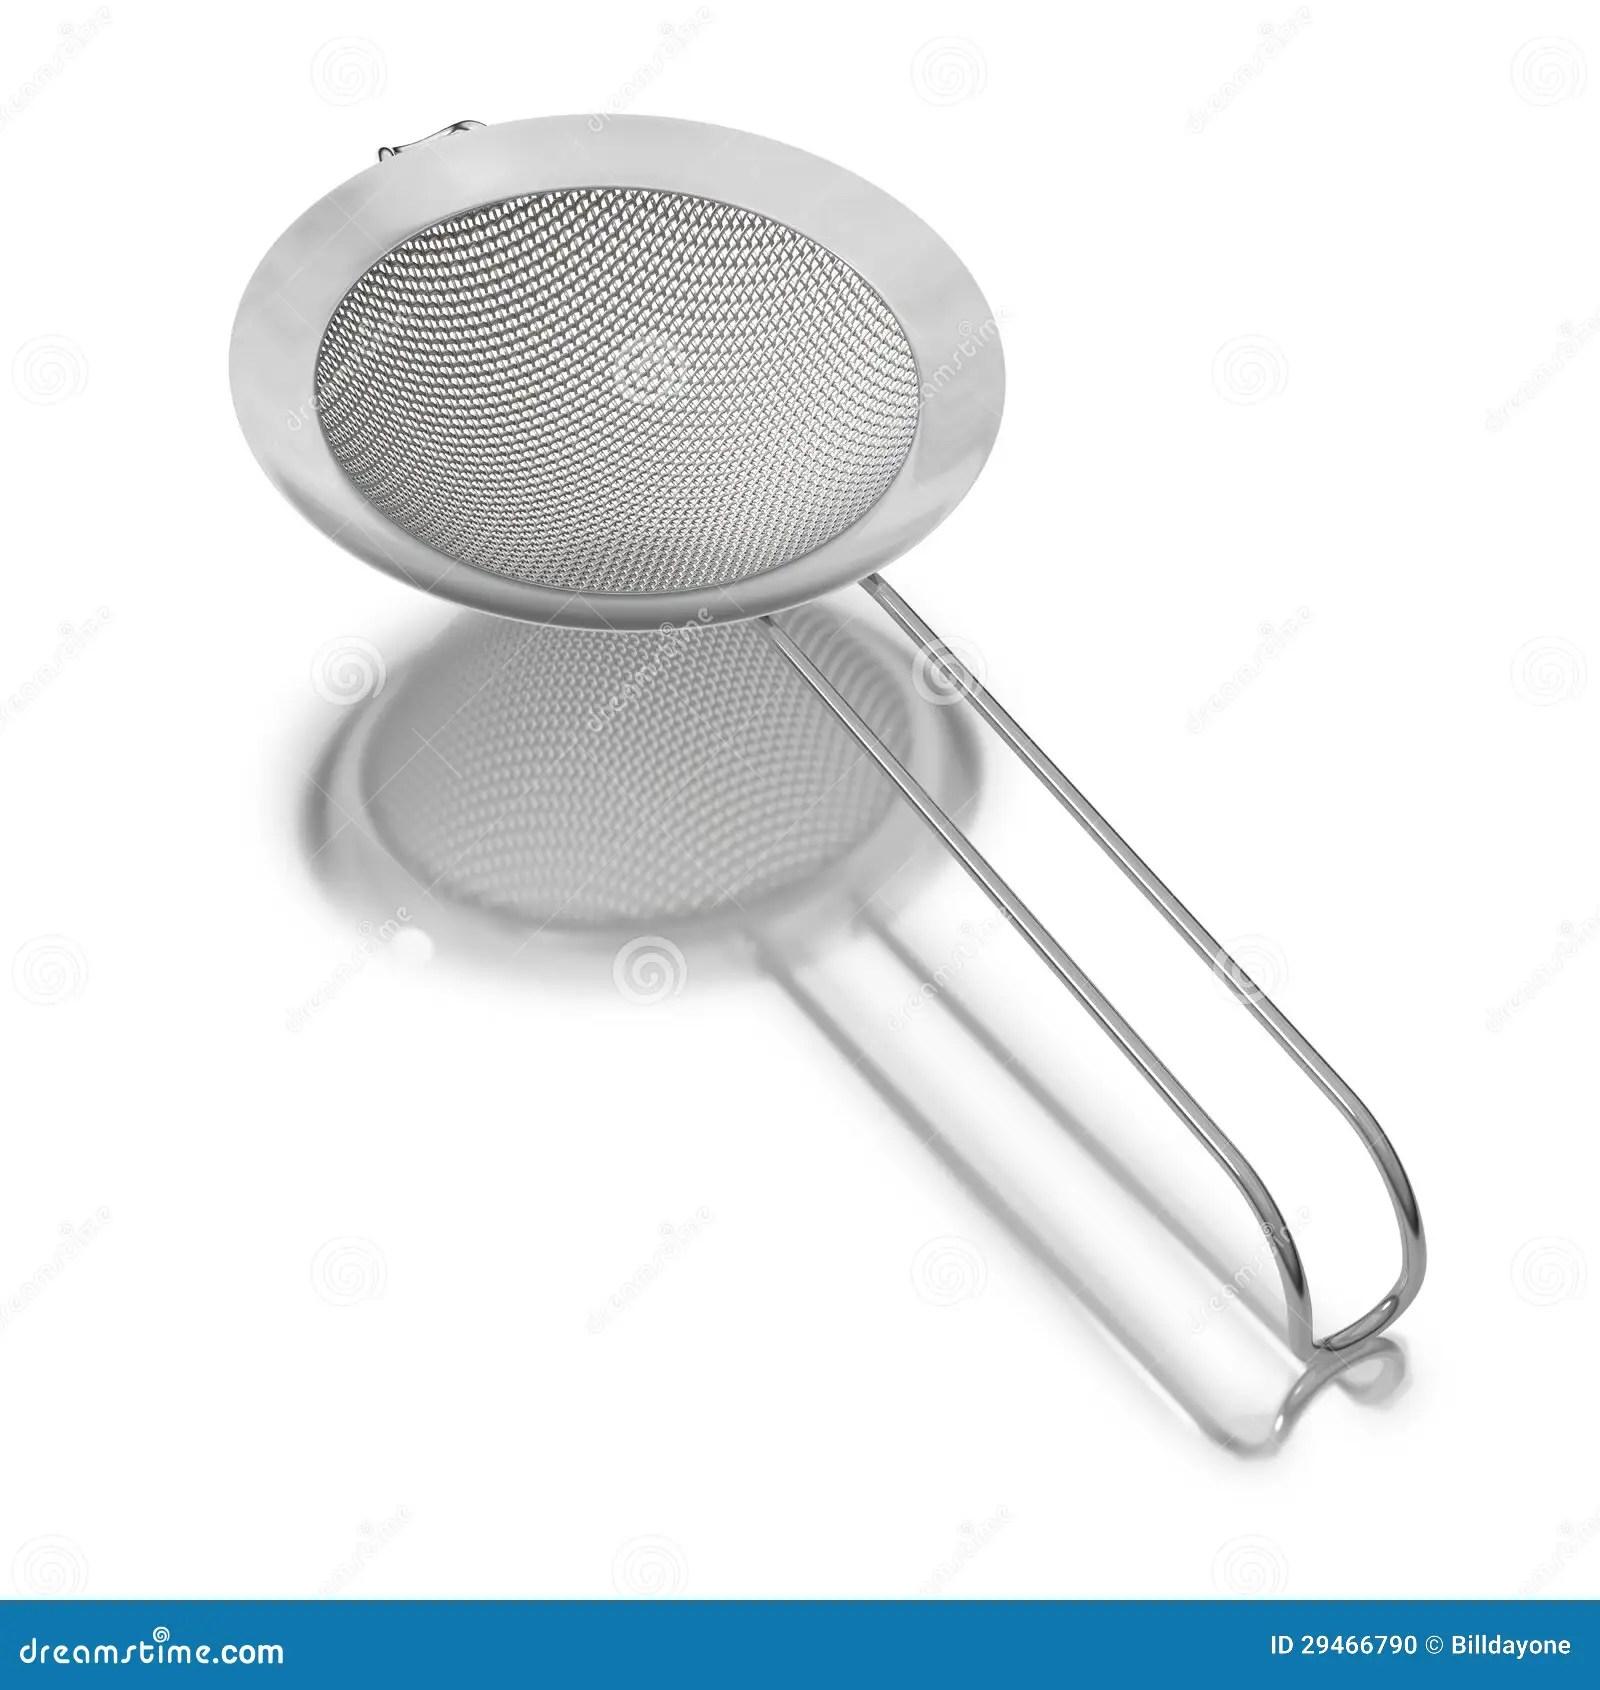 kitchen filter barnwood table 小的厨房过滤器库存例证 插画包括有人员 查找 设备 可实现 关键字 在空白背景的小的镀铬物厨房过滤器器物